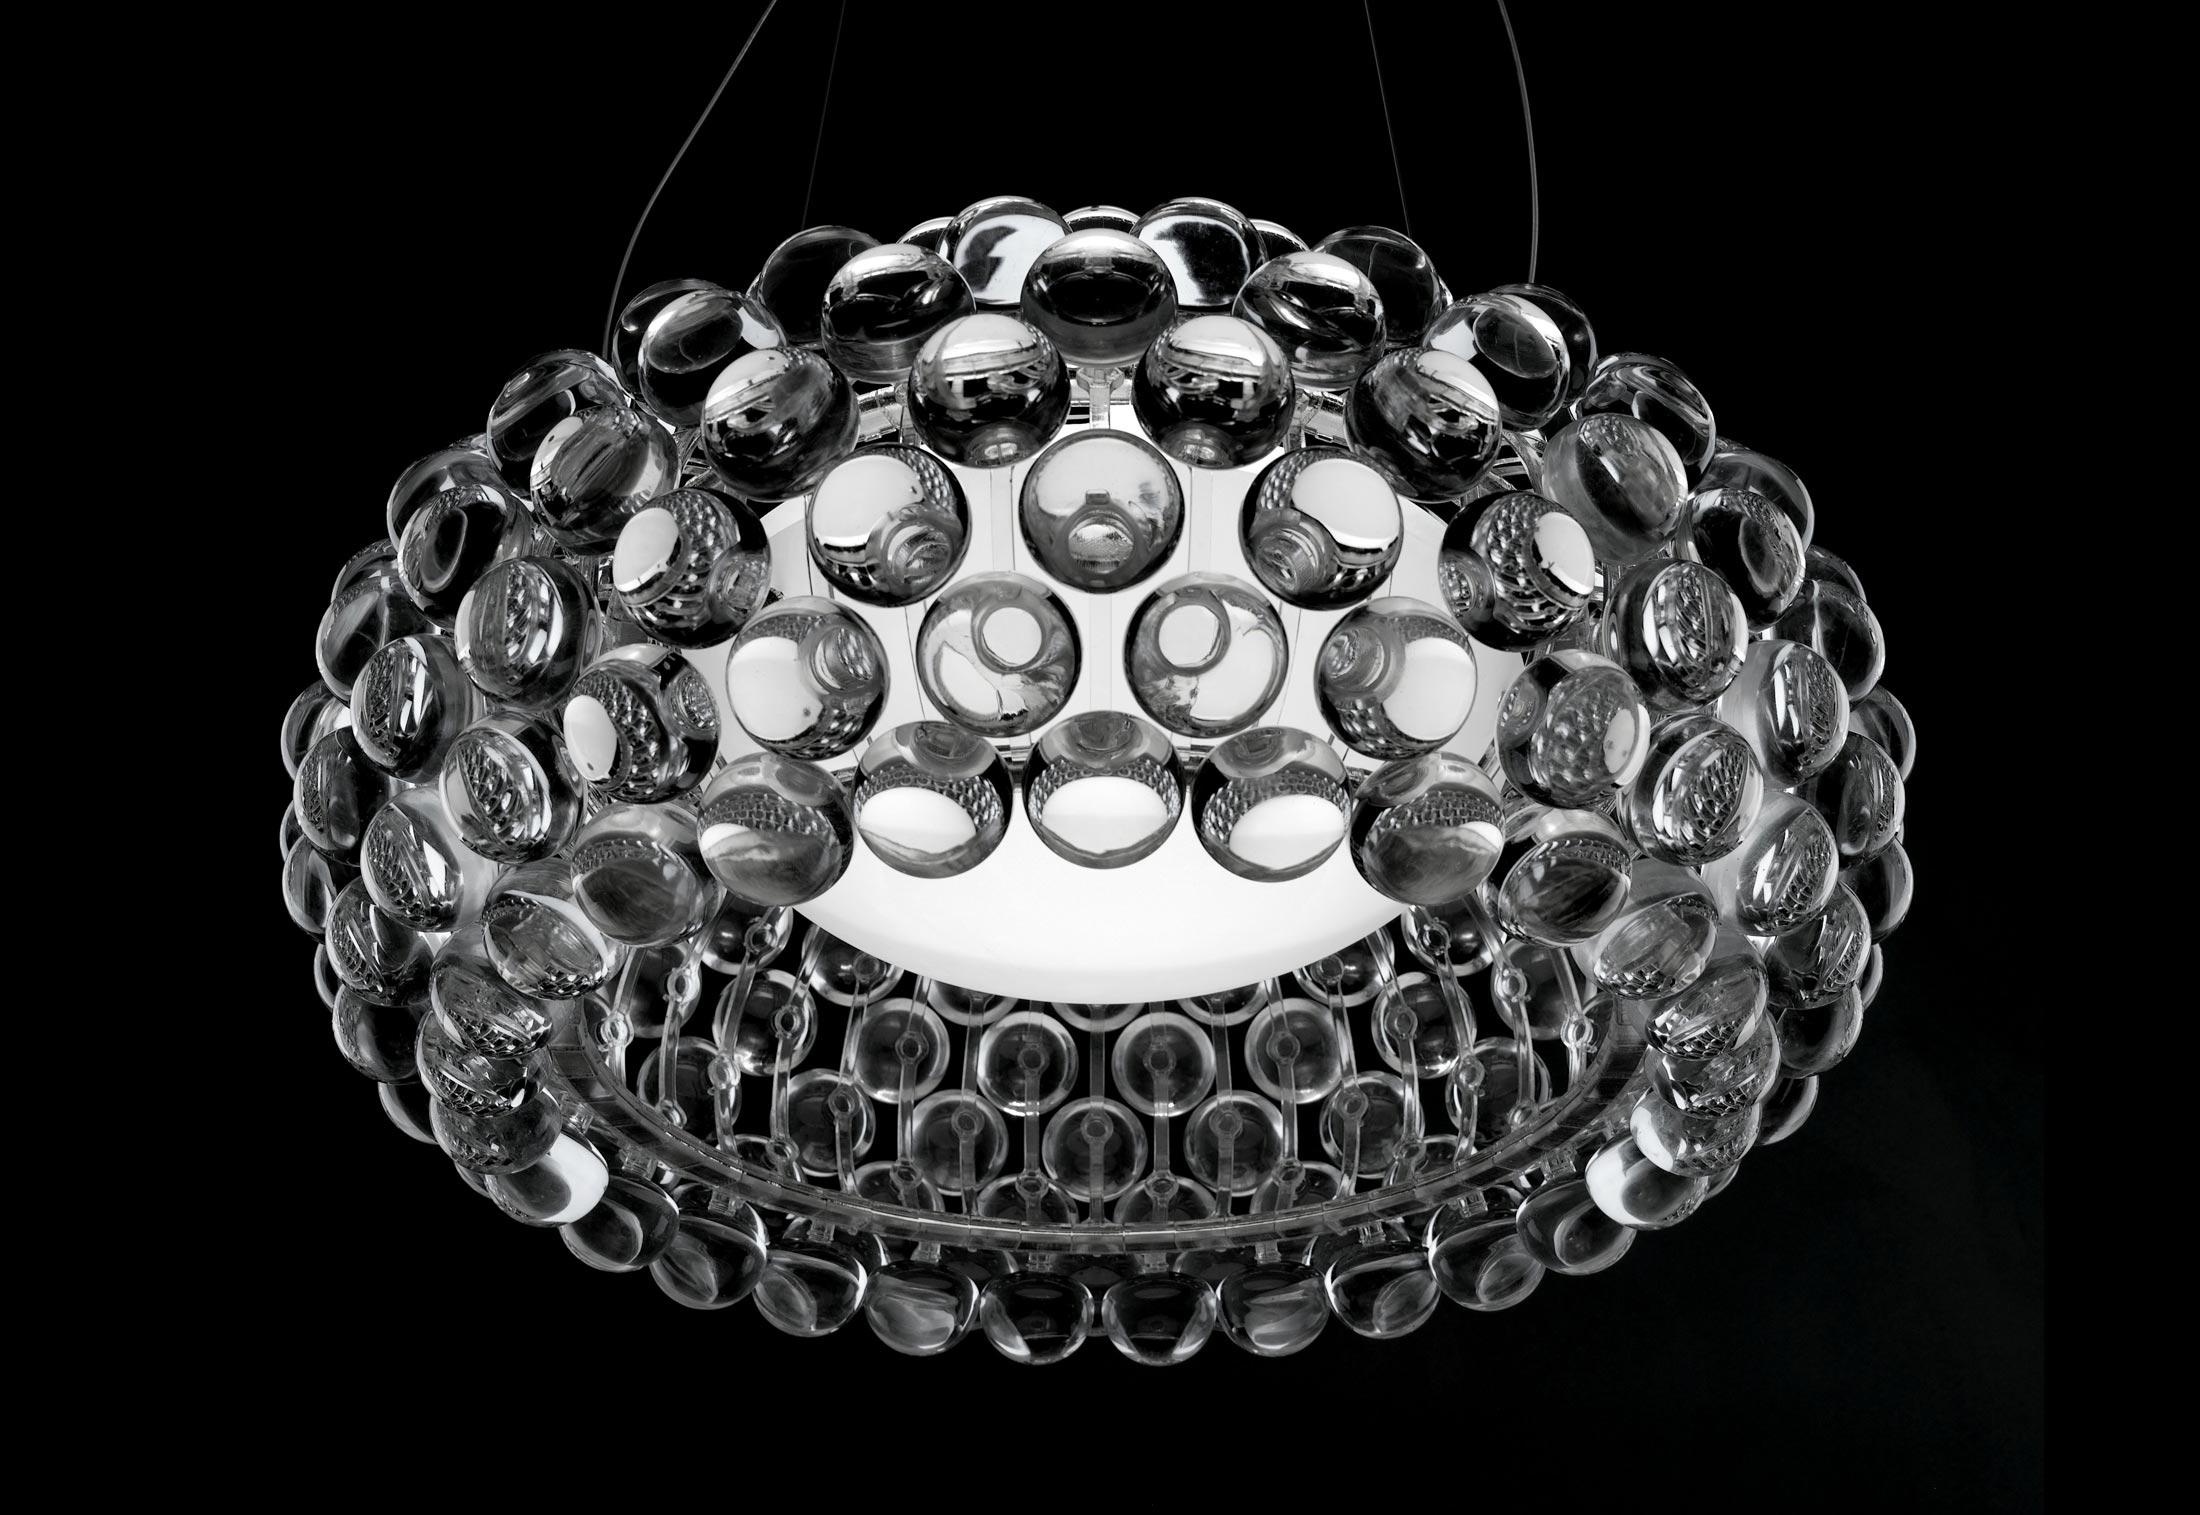 Lampe Caboche Patricia Urquiola caboche suspension lampfoscarini | stylepark